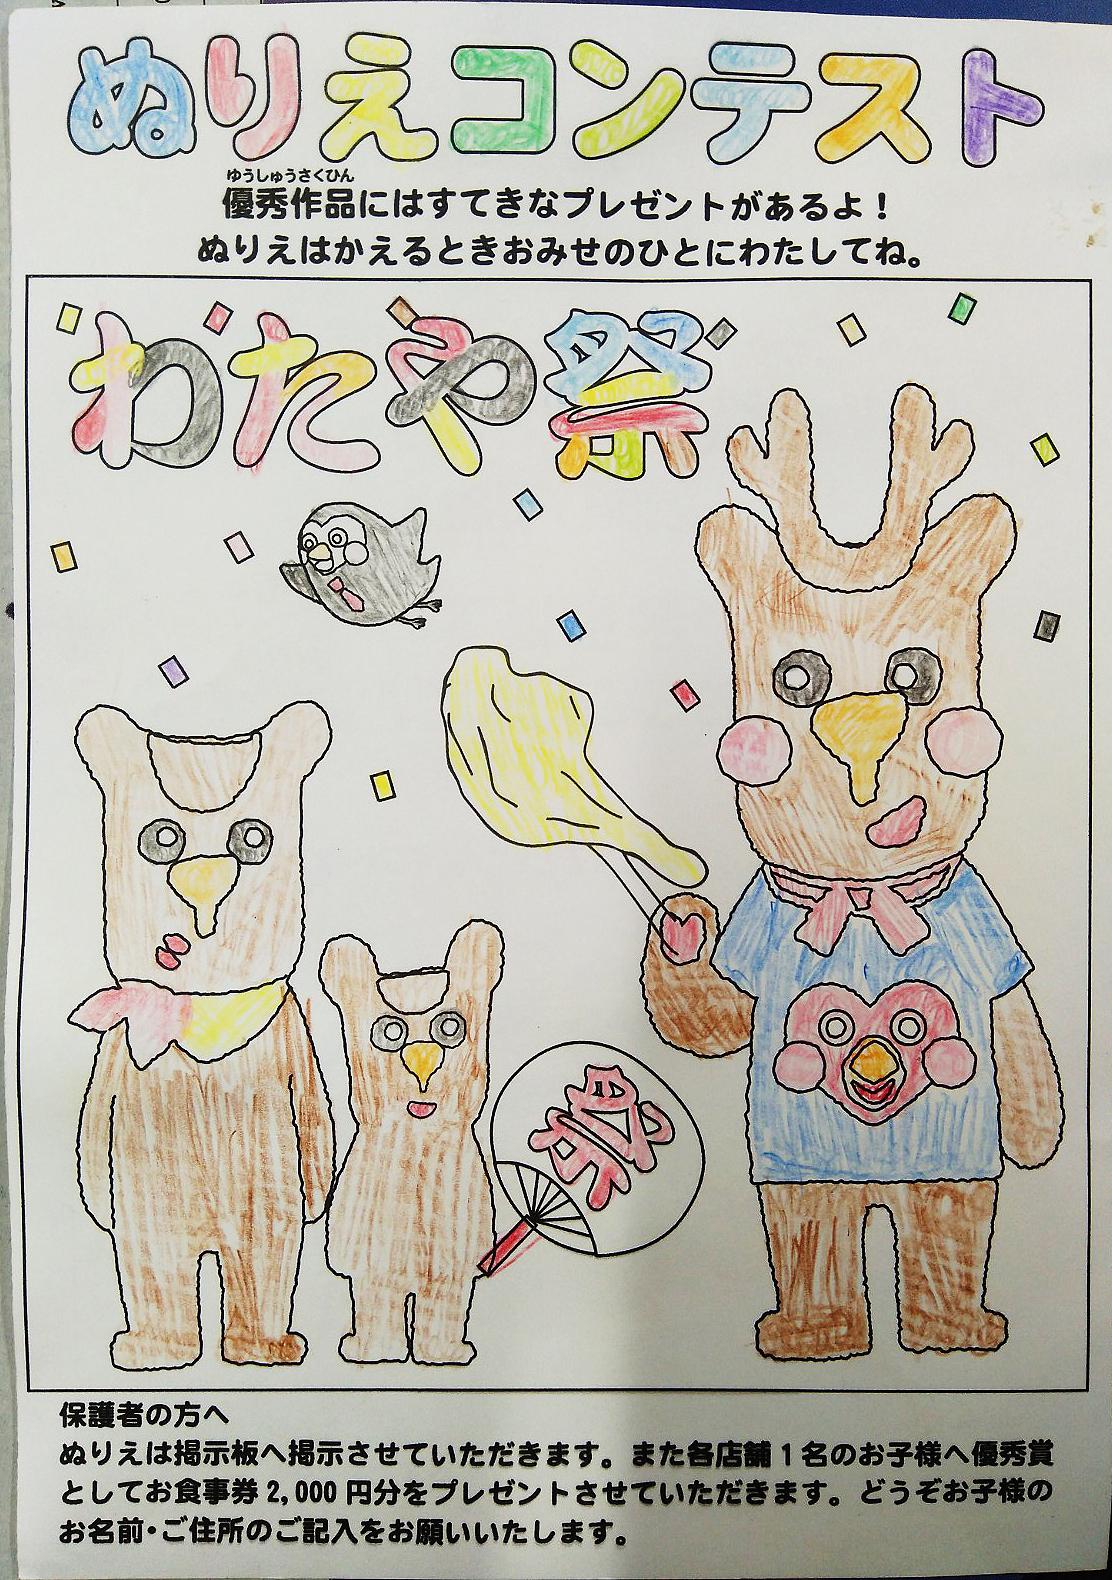 わたやぬりえコンテスト大野店優秀賞